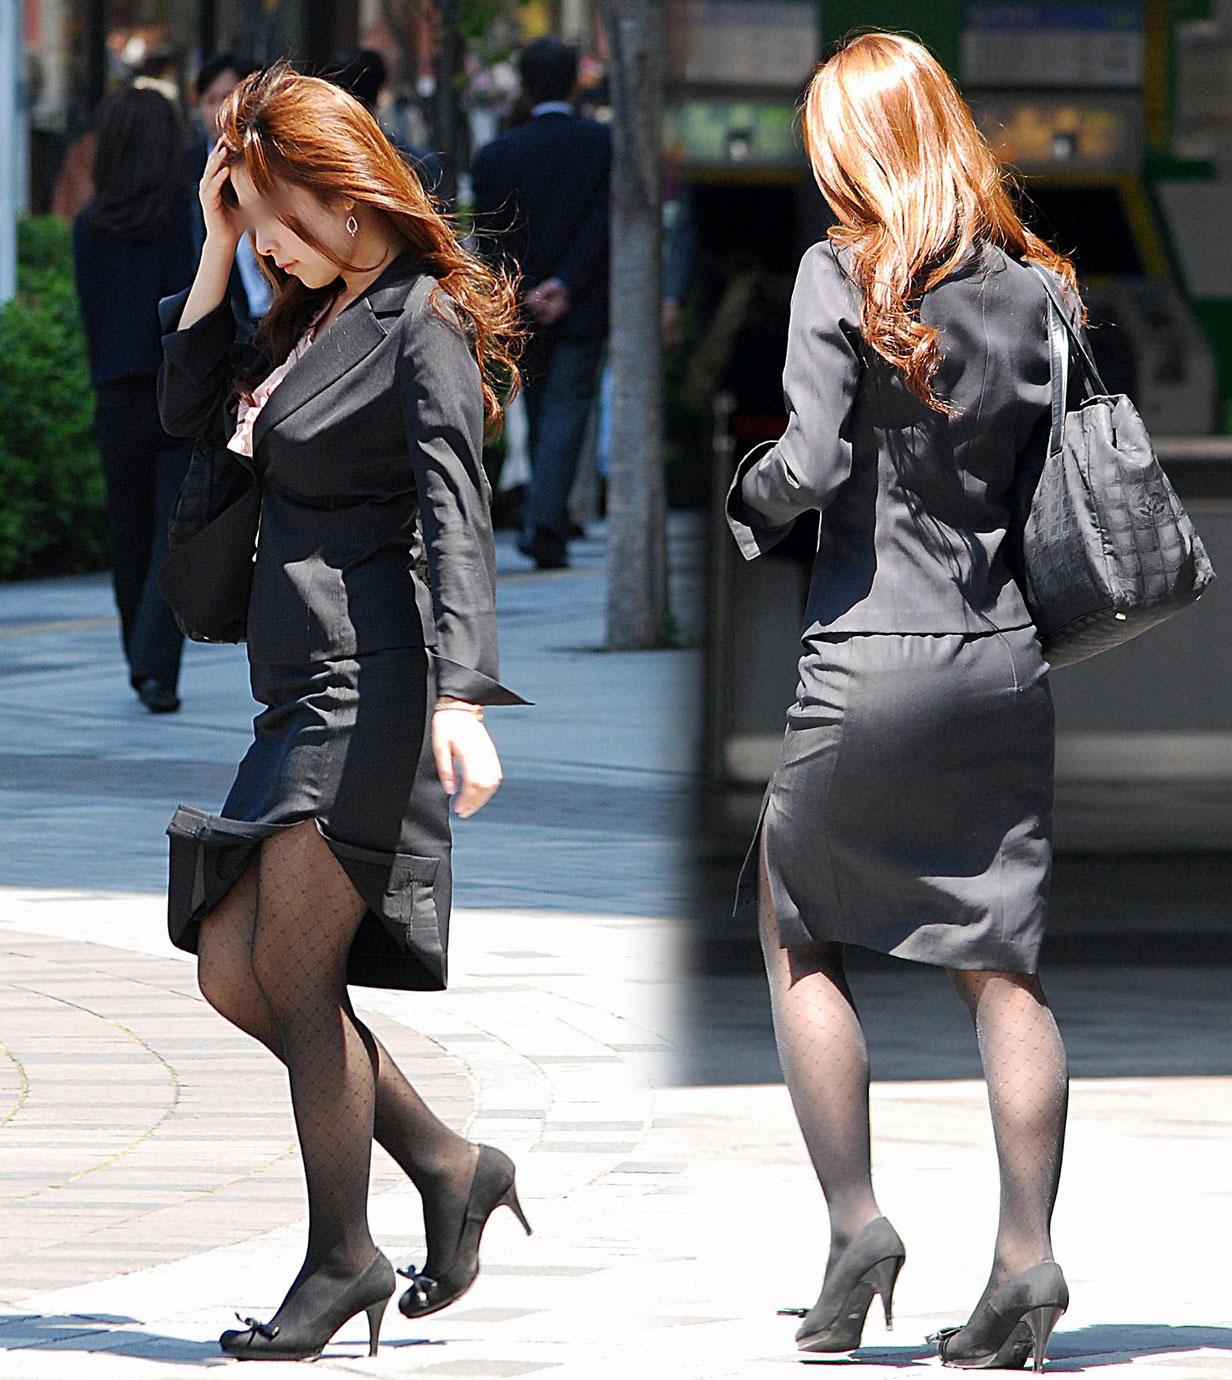 働く女性のお尻とか胸チラしてるOL画像くださいwwwwwwwwwwwwwwww rV2xlF8